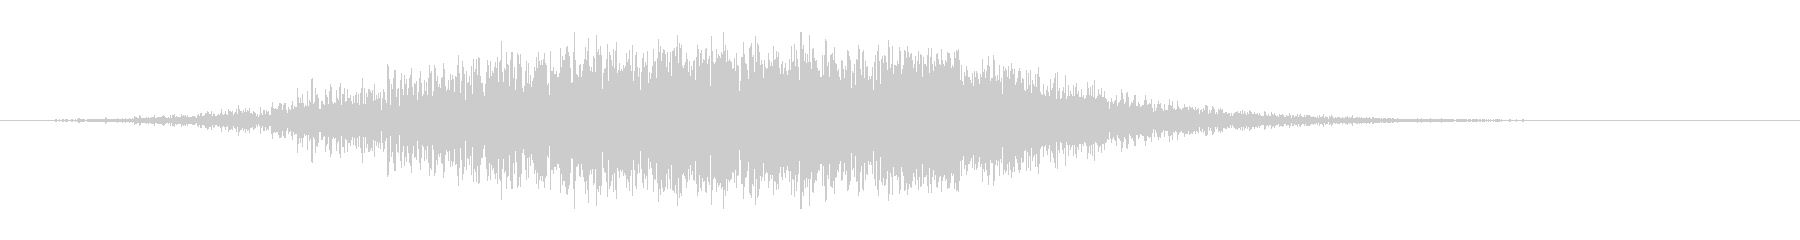 スイープ5によるアプリケーションパスの未再生の波形